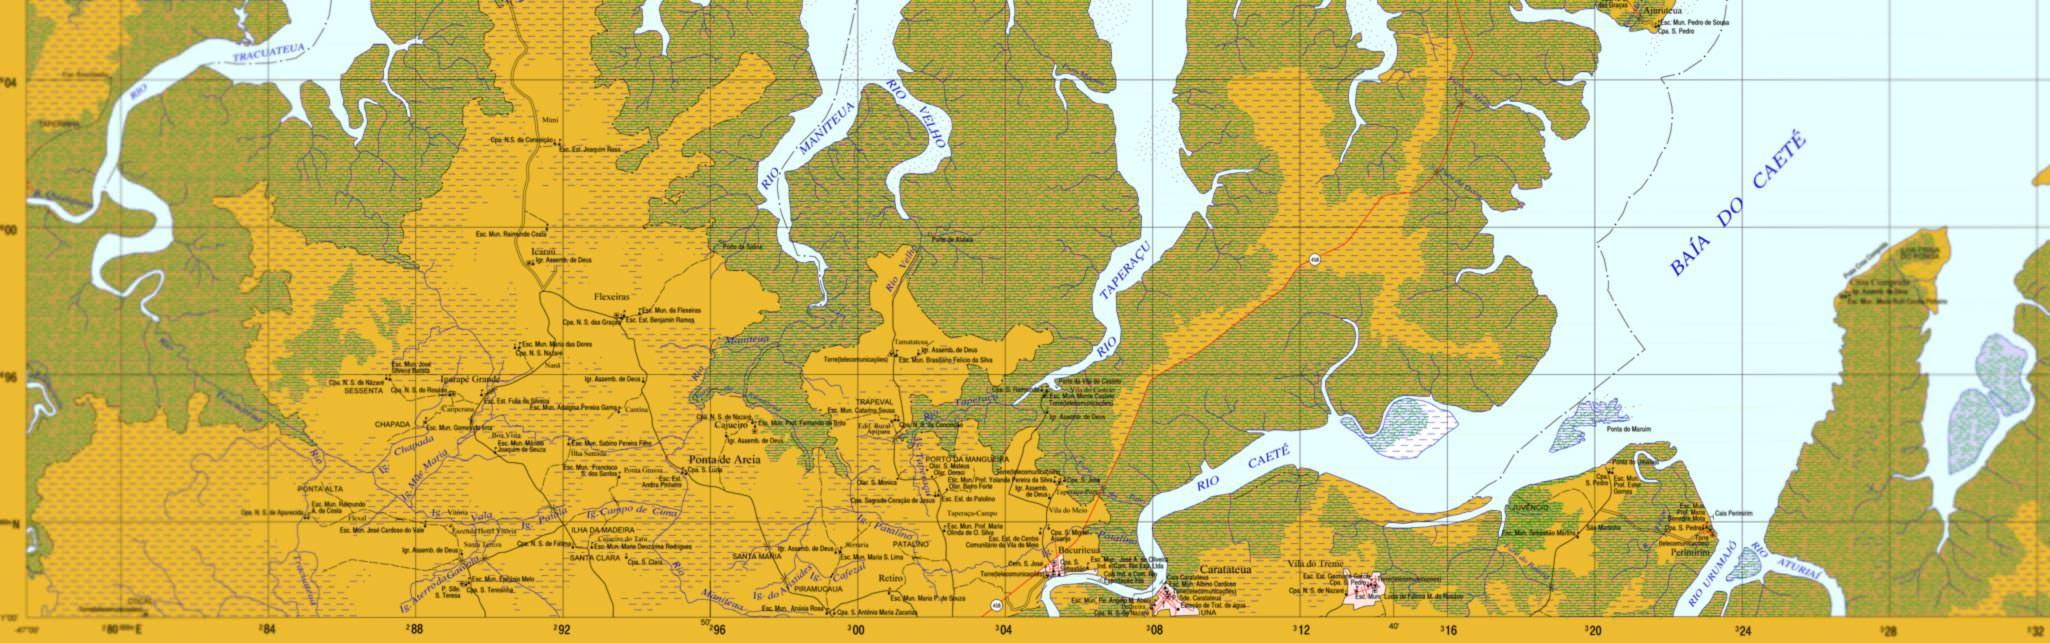 base-cartografica-viasatbr